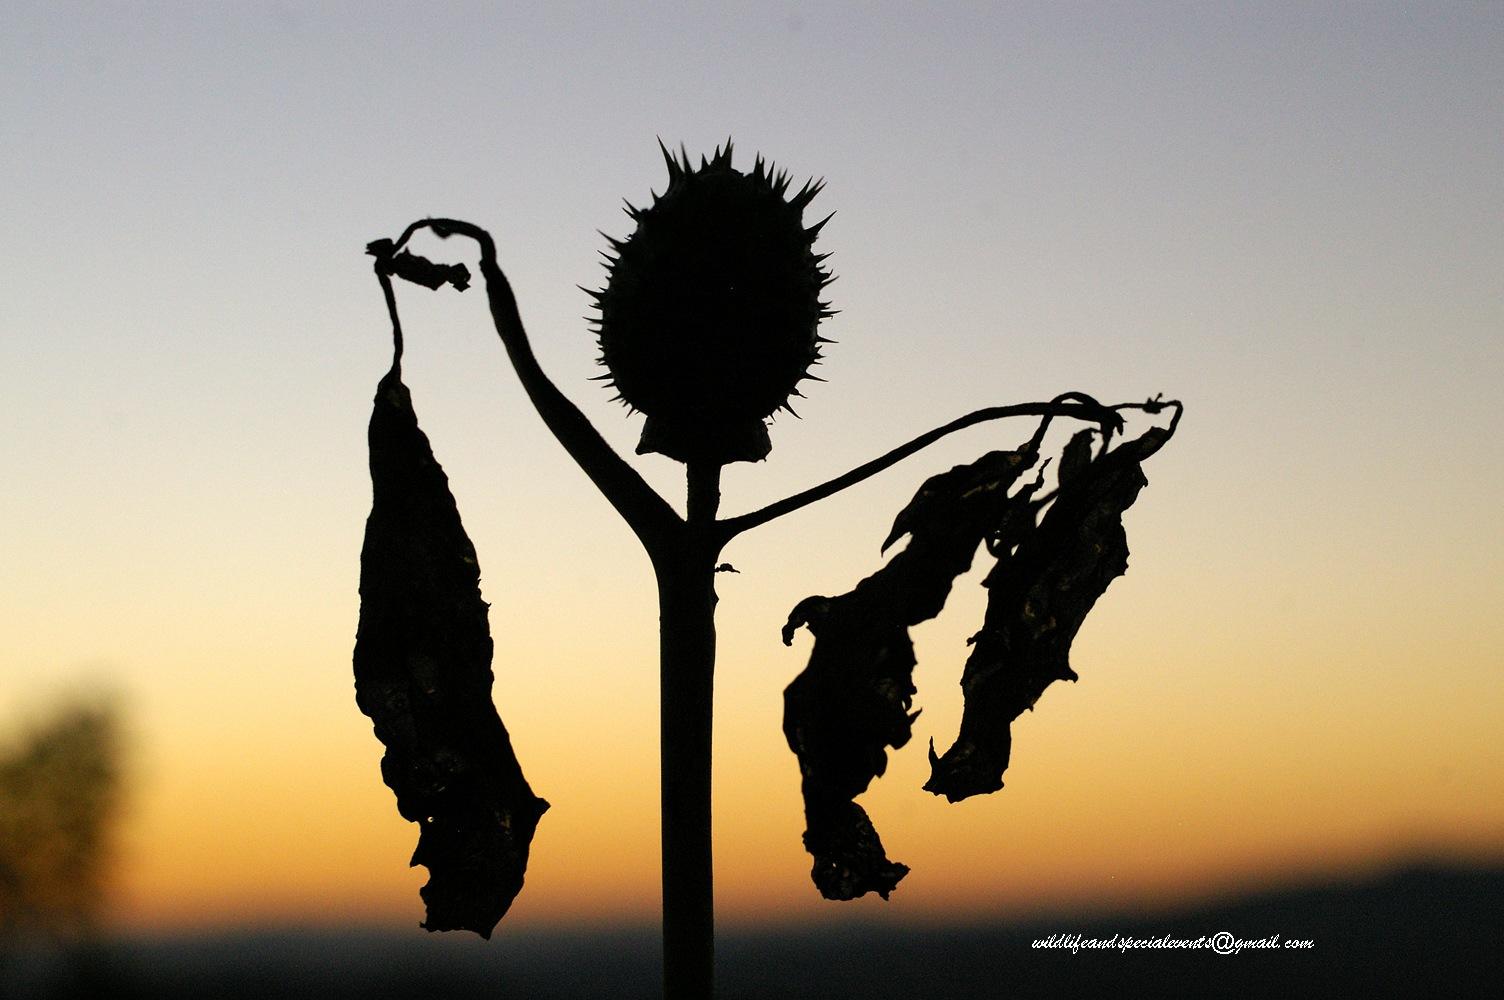 Dancing at dawn by oosie